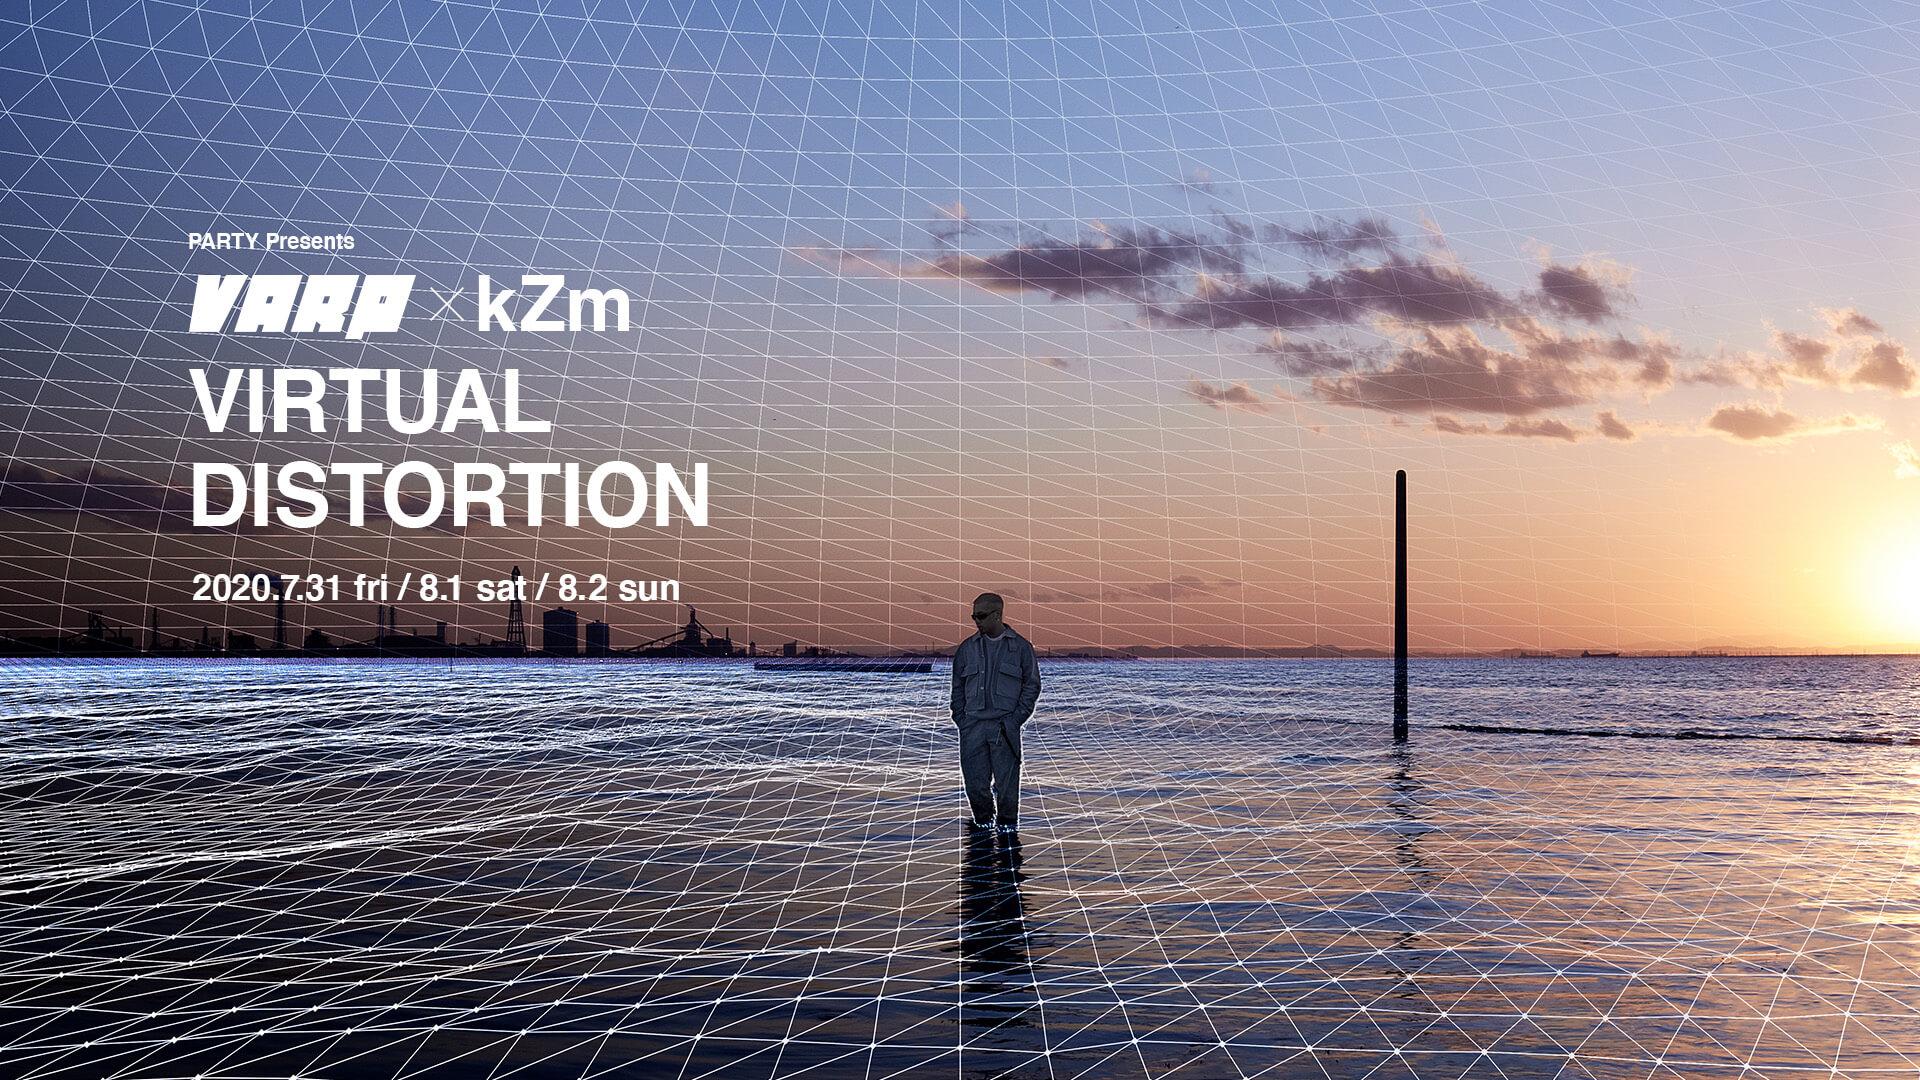 kZmがクリエイティブ集団・PARTYとコラボしたヴァーチャルライブ <VIRTUAL DISTORTION>を開催決定|野田洋次郎、BIM、LEXら出演 music200722_kzm_1